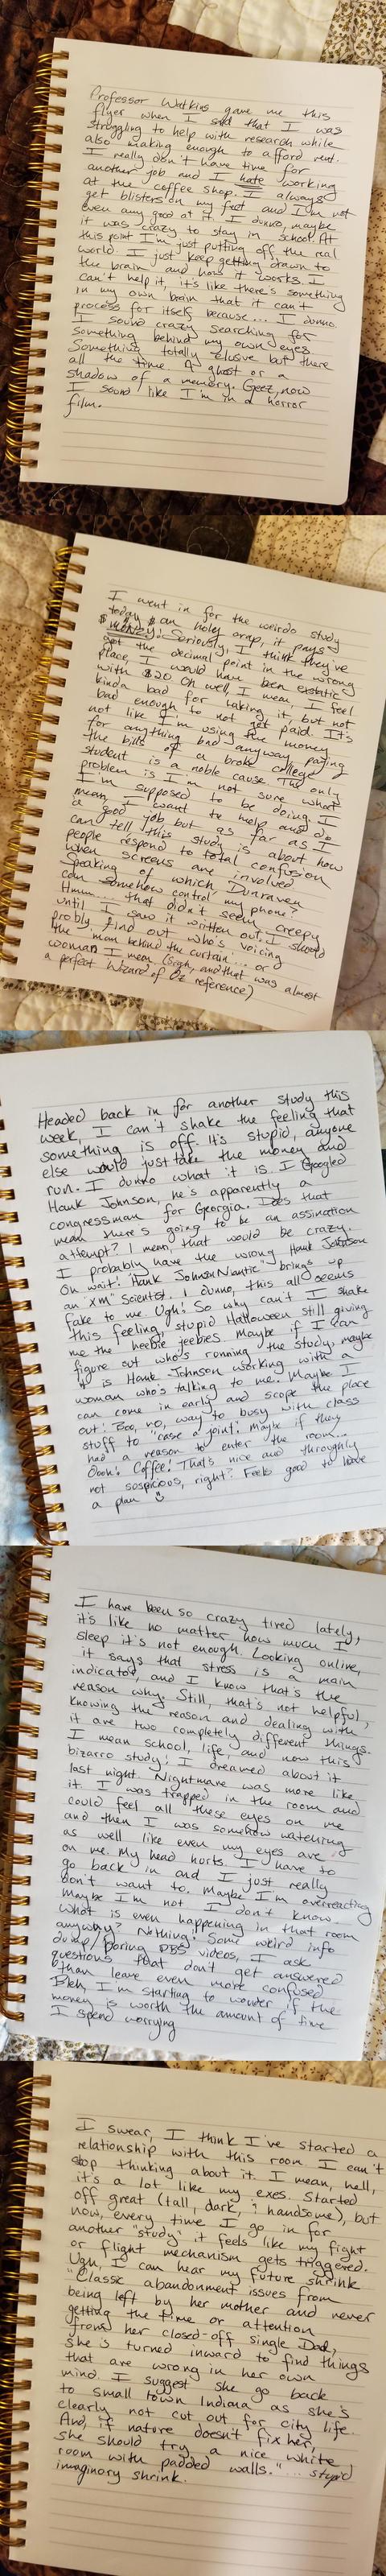 ウェンディの手記